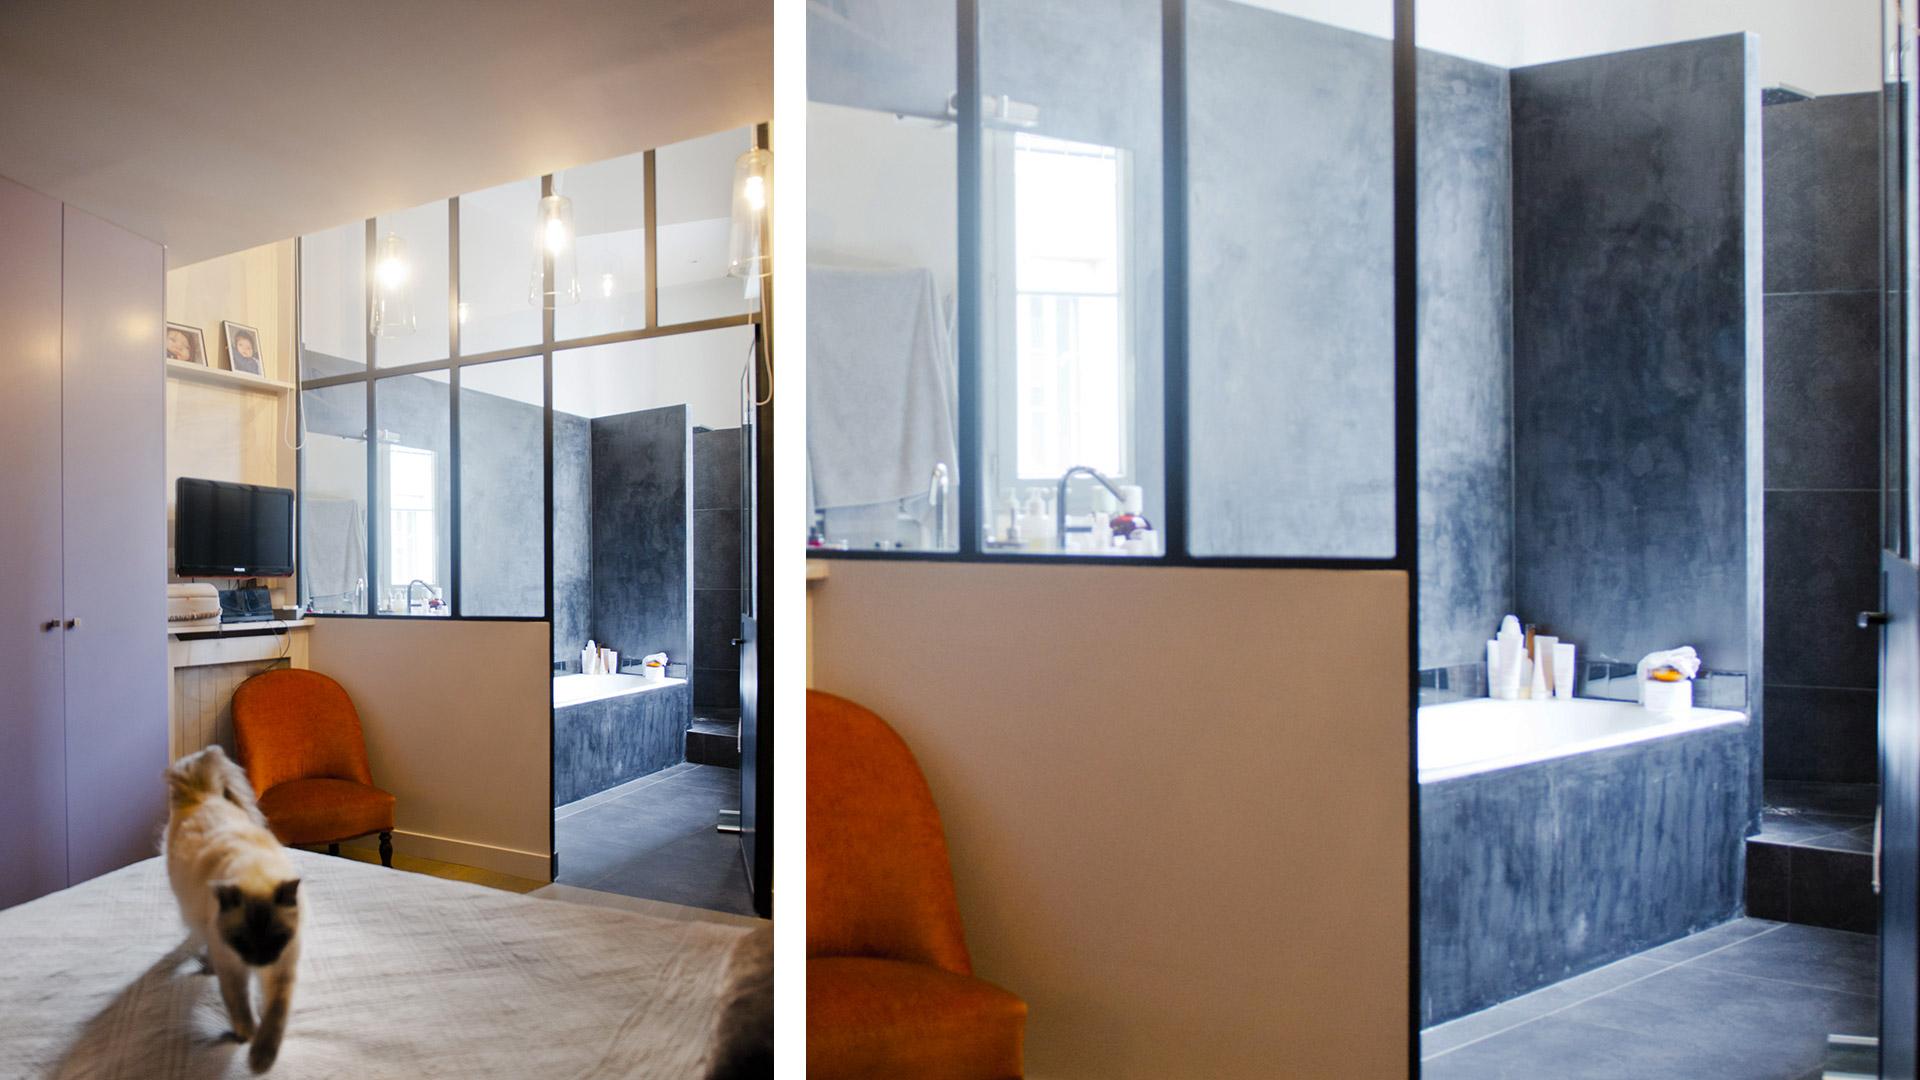 Suite parentale avec salle de bain ouverte for Salle de bain dans suite parentale